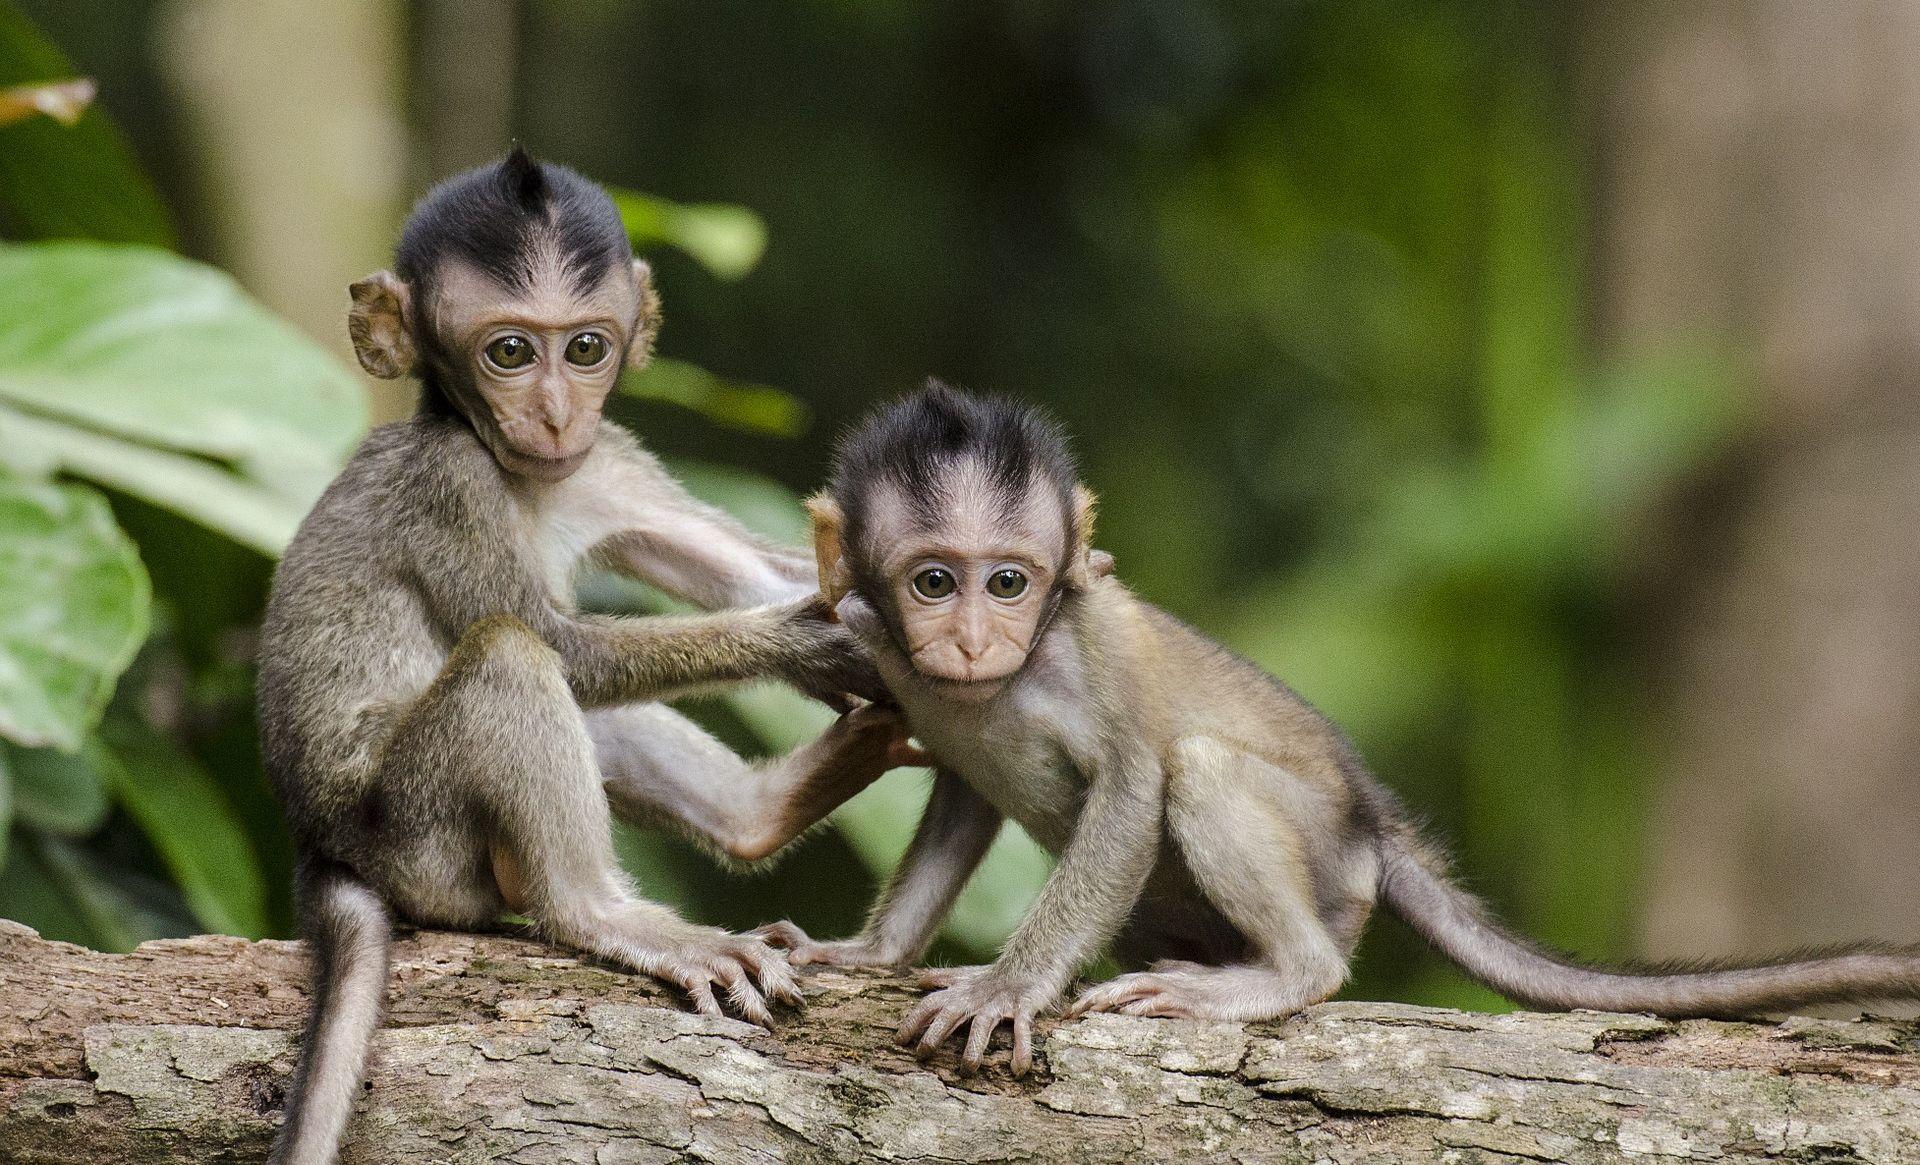 U Makedoniji roditelji za kćer ukrali majmuna iz zoološkog vrta